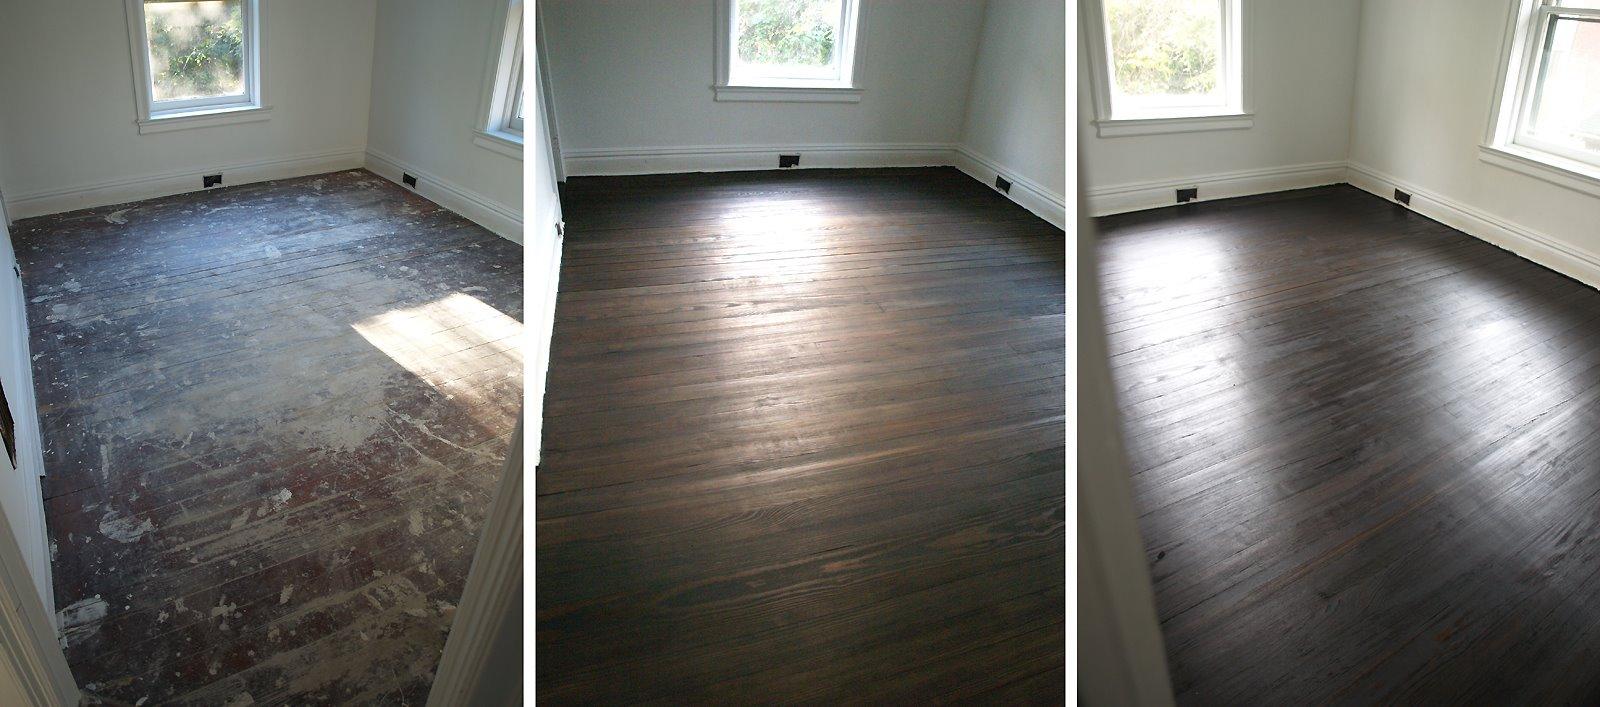 [floor+]